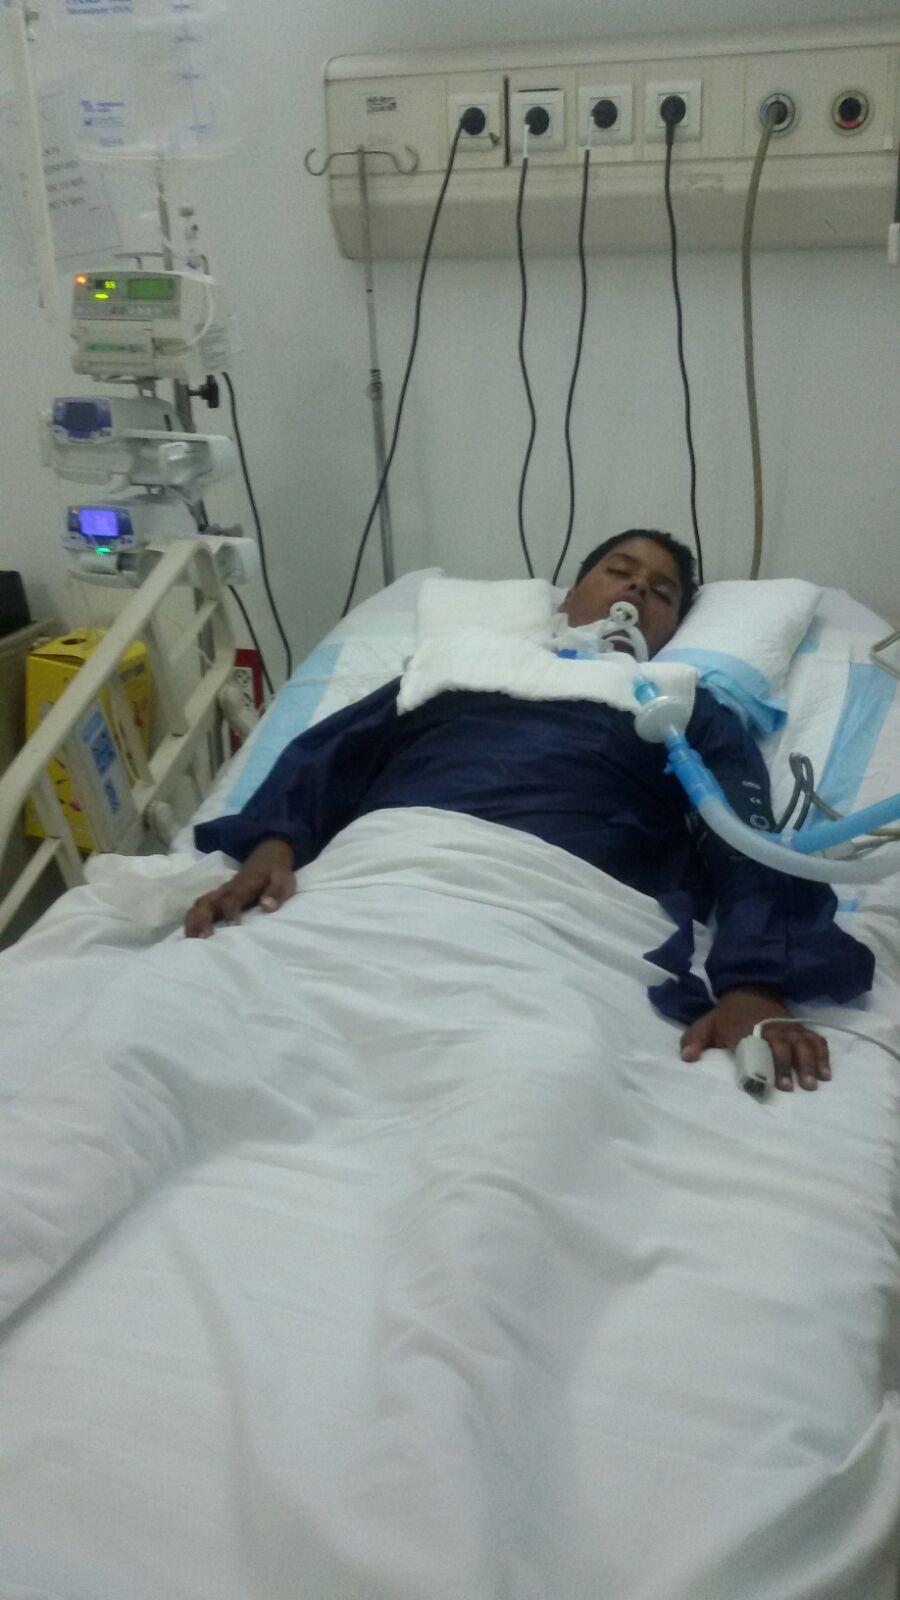 خطأ جراحي بمستشفى شهير بالمعادي يُغيب طفلا عن الوعي منذ 10 أيام